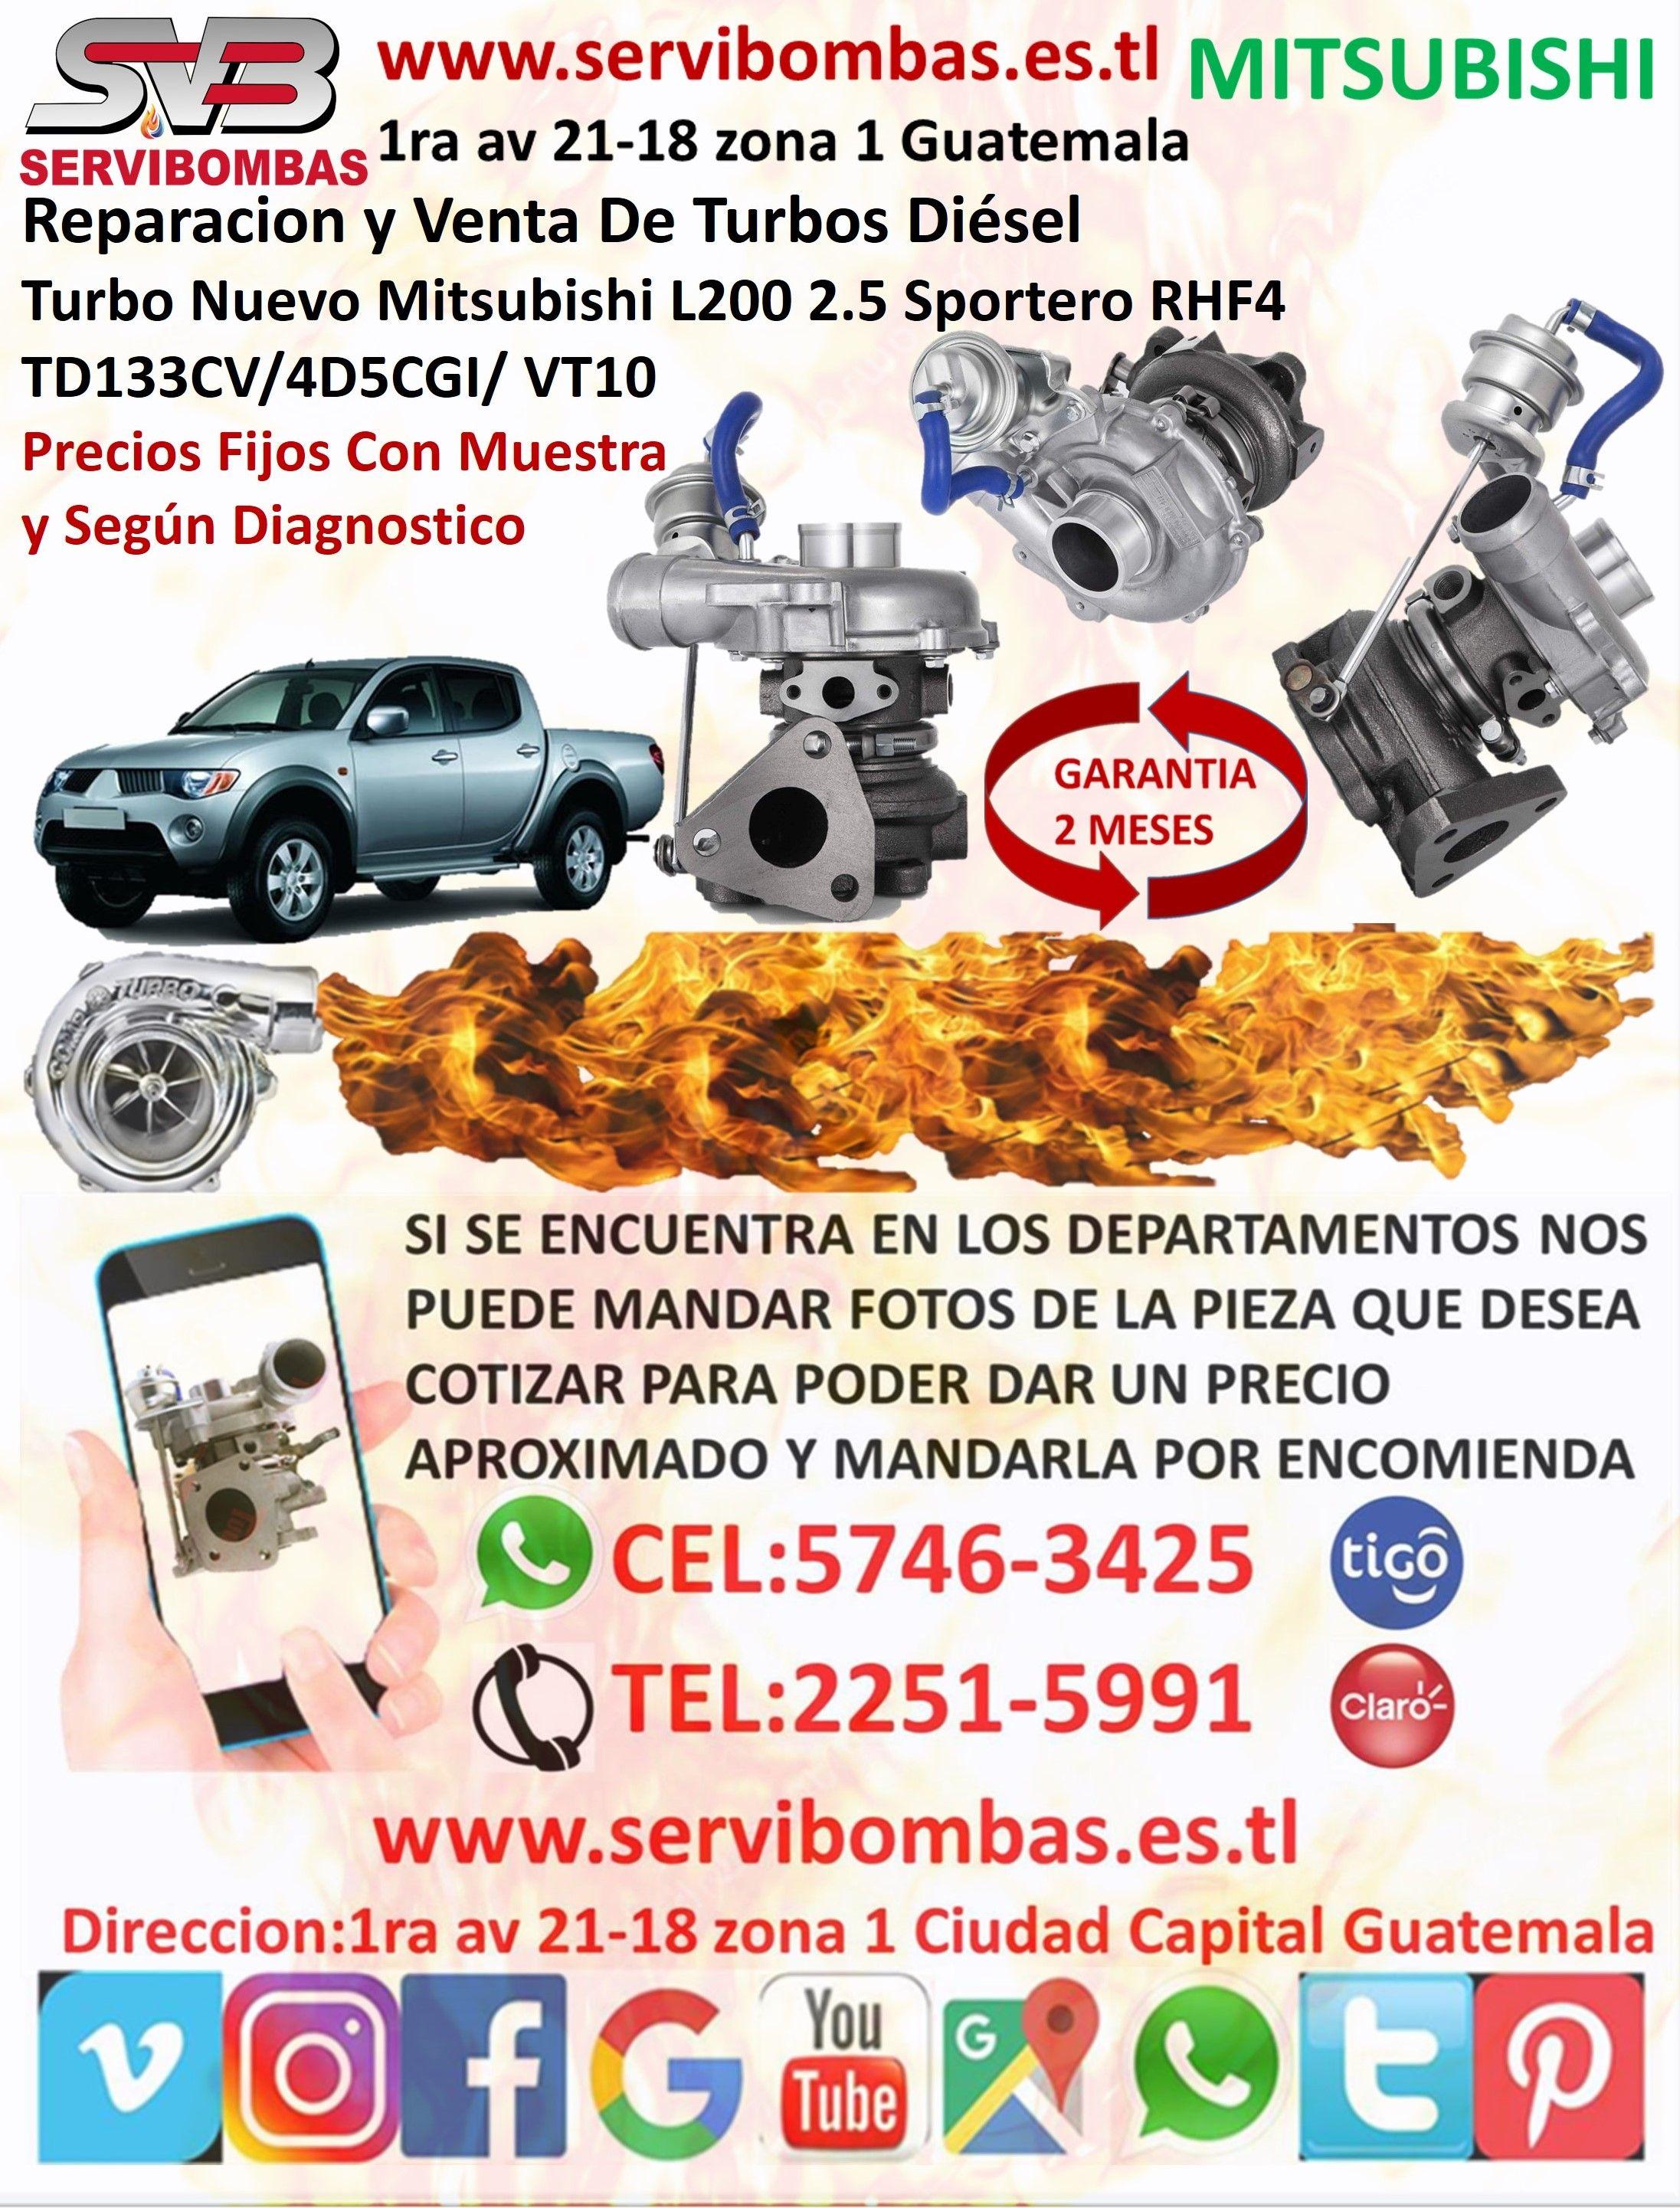 Reparacion De Turbo Pick Up Mitsubishi L200 Sportero 2 5 Rhf4 Vt10 En Guatemala In 2020 Ecards Memes